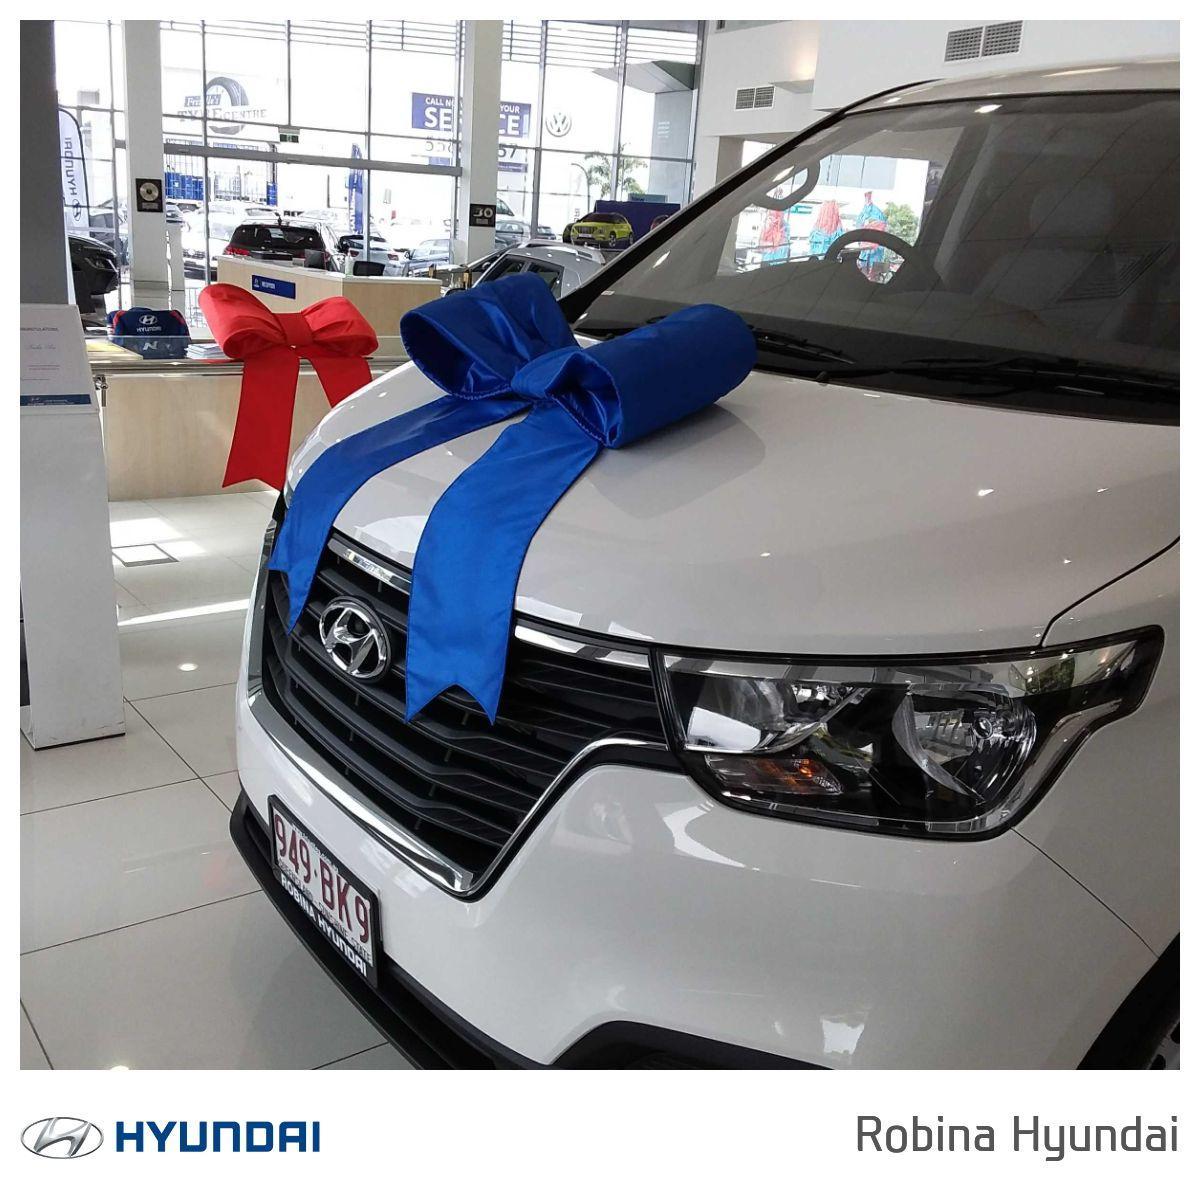 Your new Hyundai